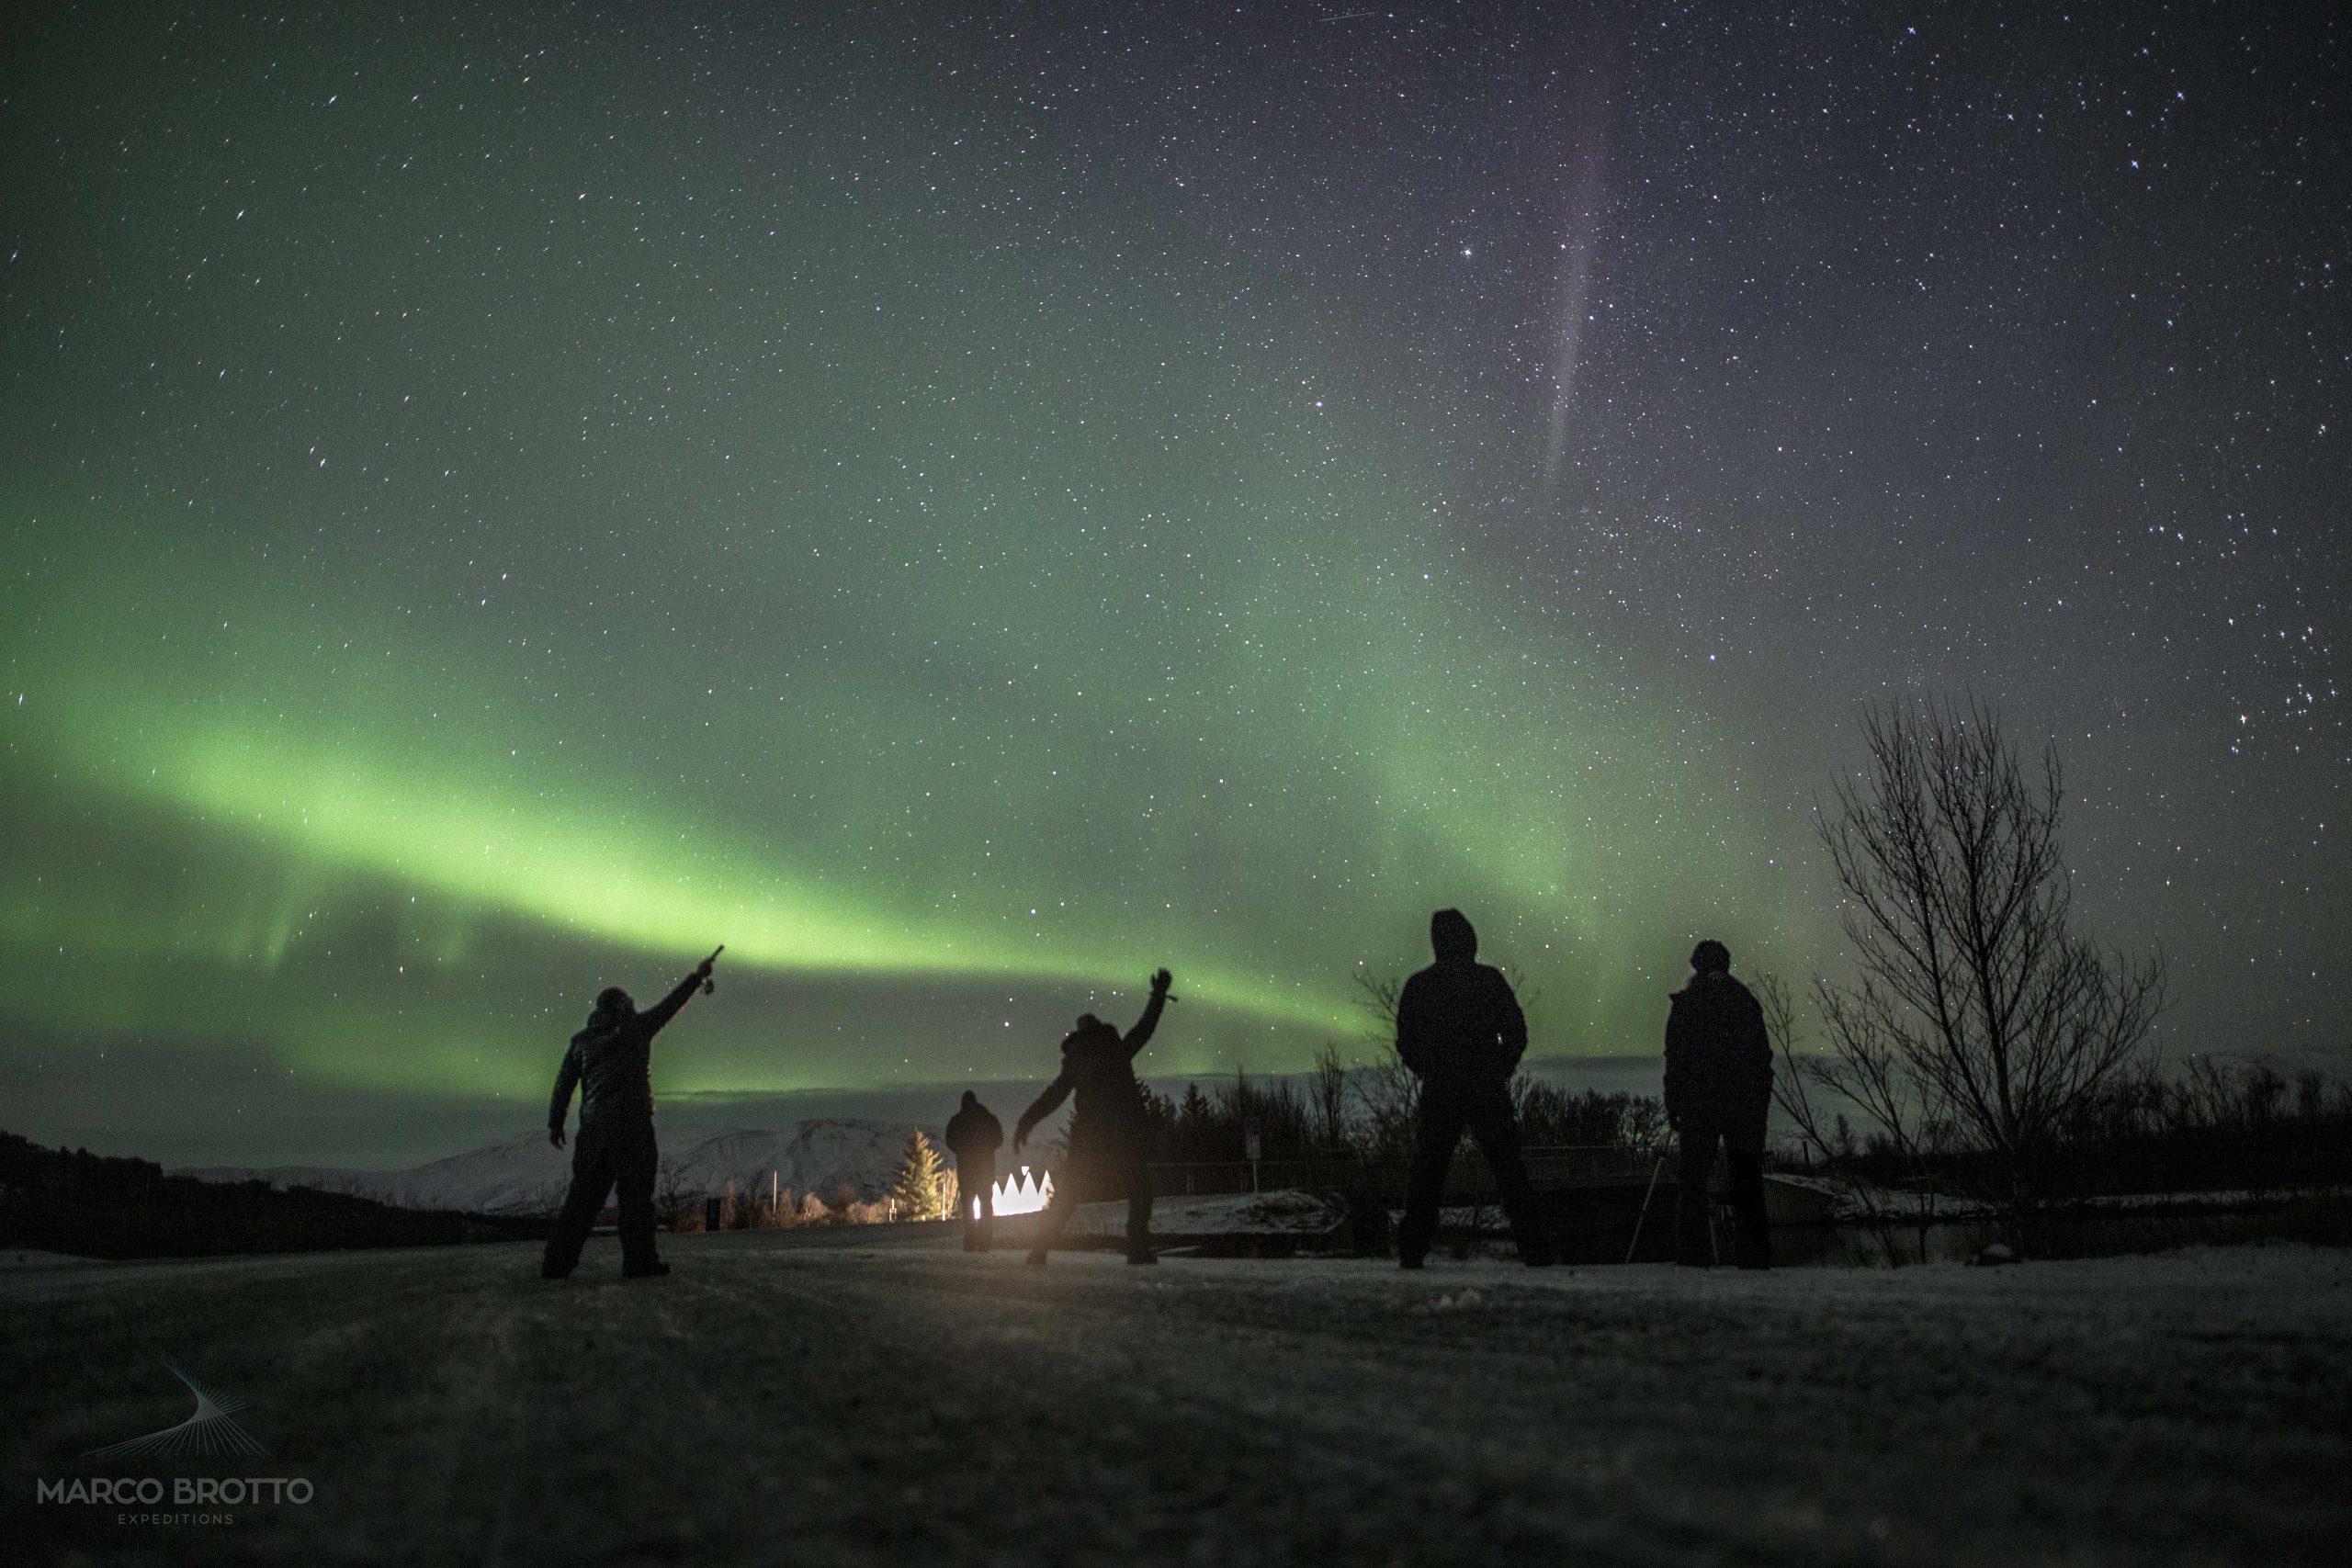 ICELAND-17-NOV-Jorge-Canon-EOS-5D-Mark-III-2017-11-09-203254-16549